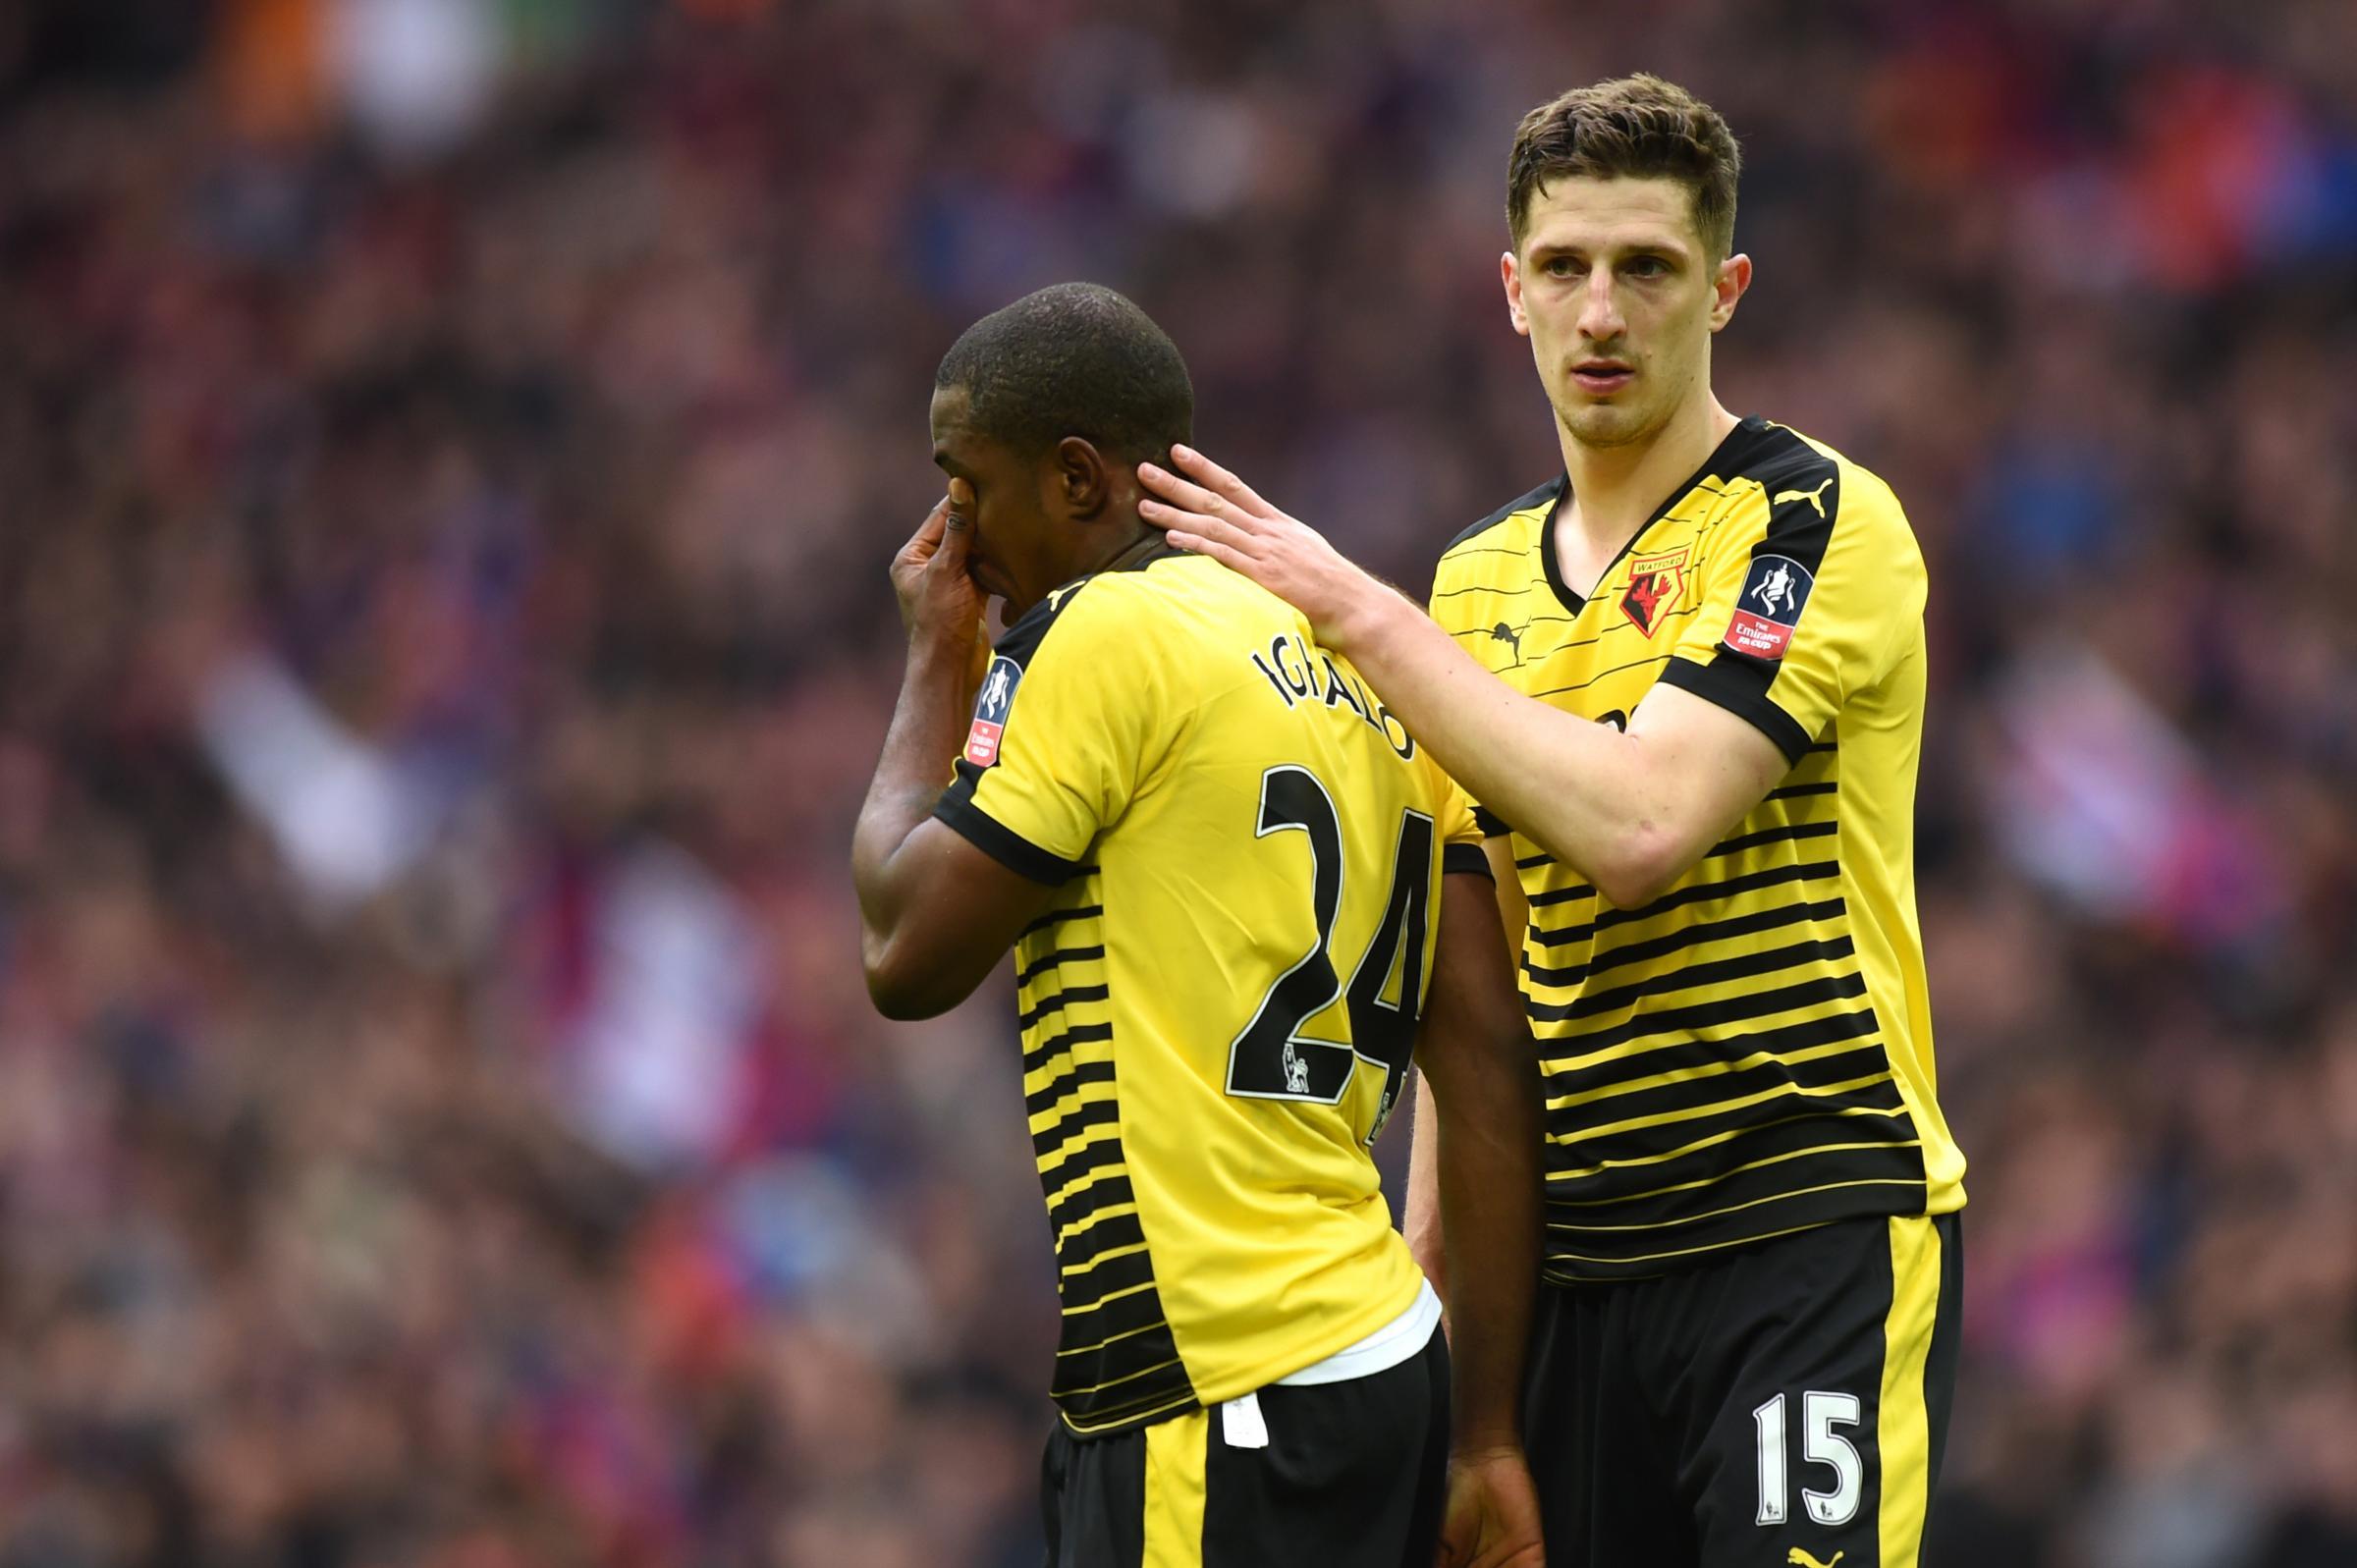 Ighalo will definitely score goals for United – Craig Cathcart